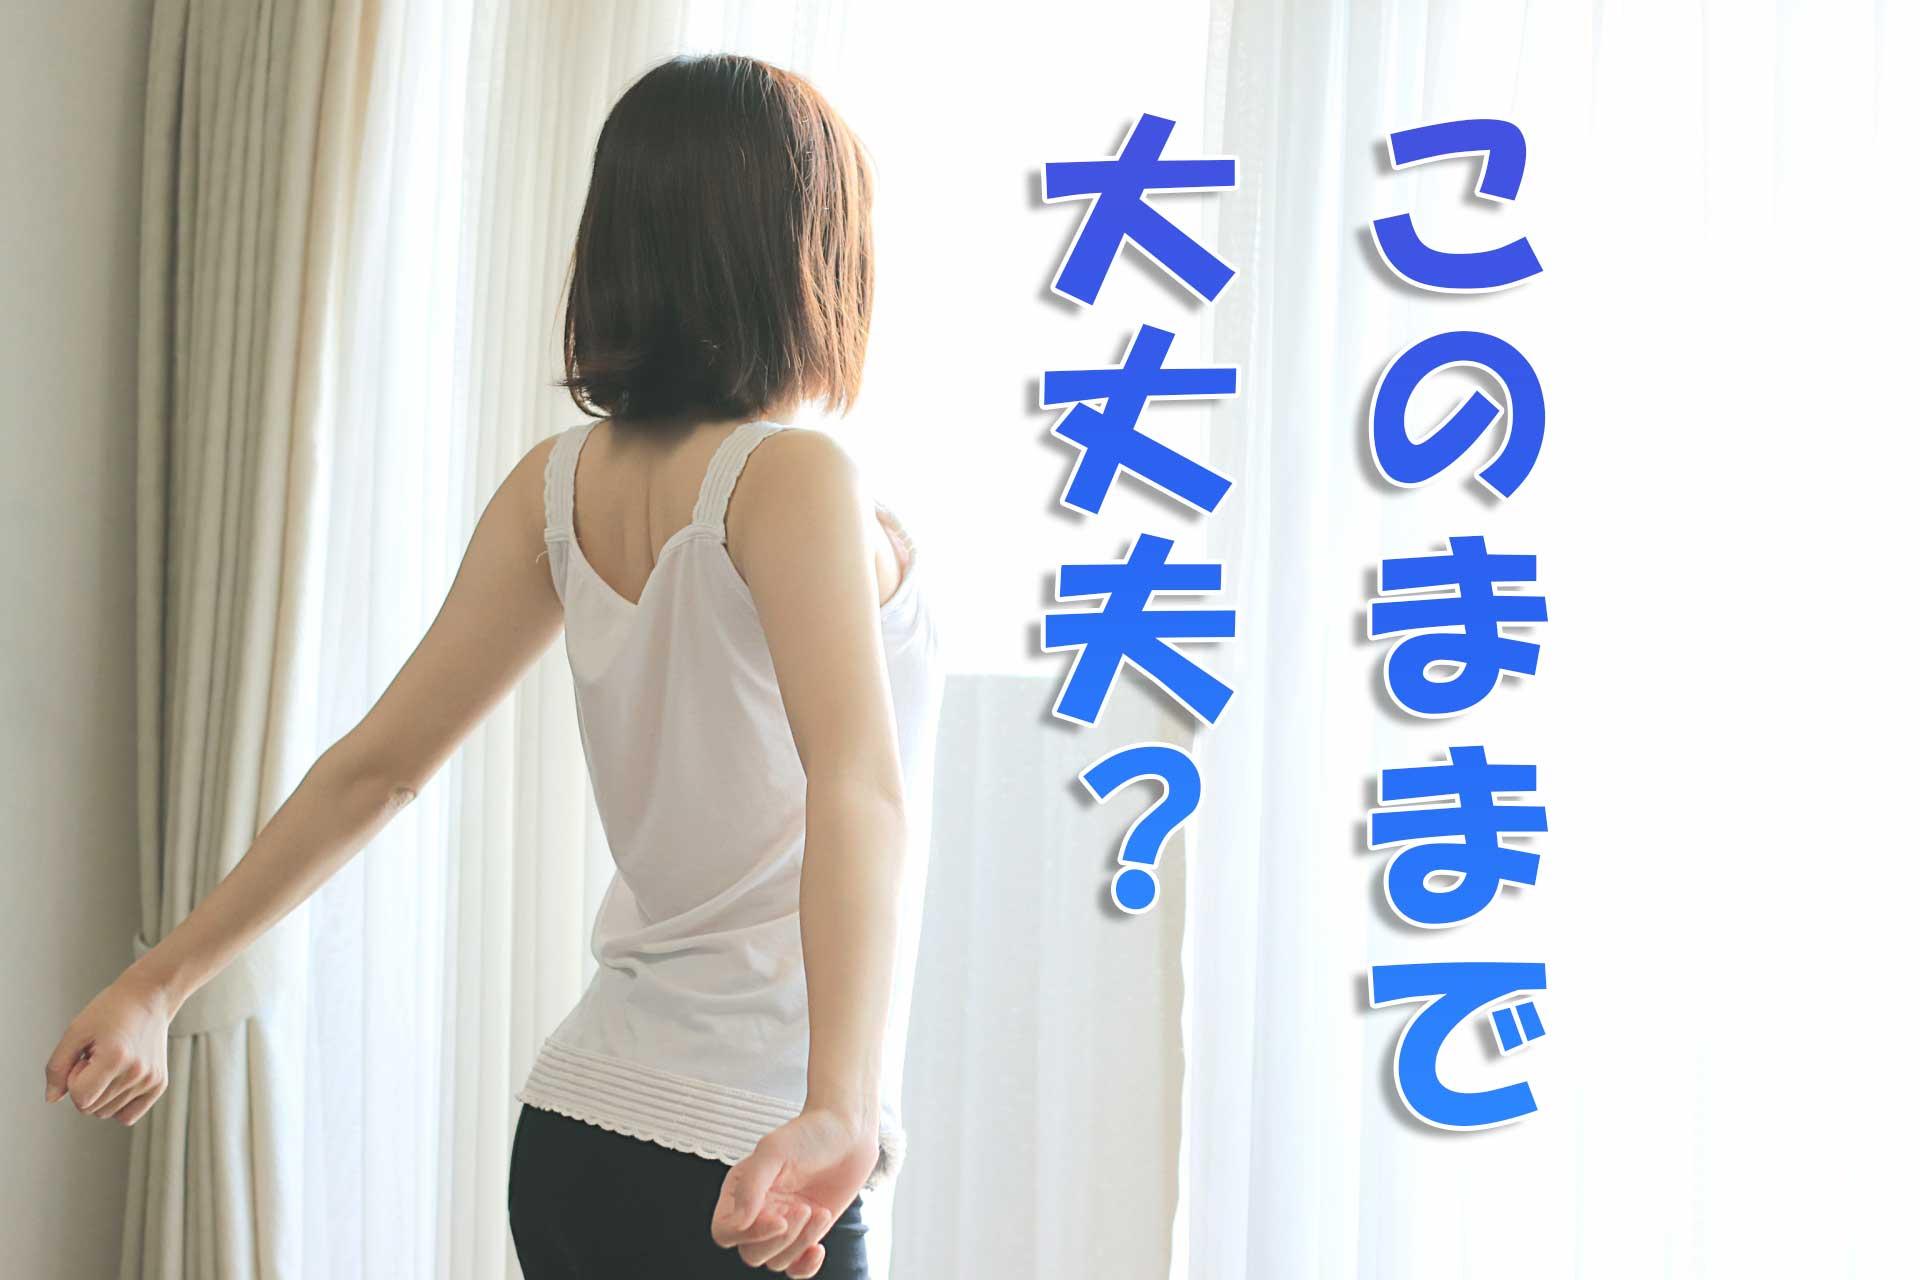 朝日に向かって背伸びする女性と「このままで大丈夫?」の文字